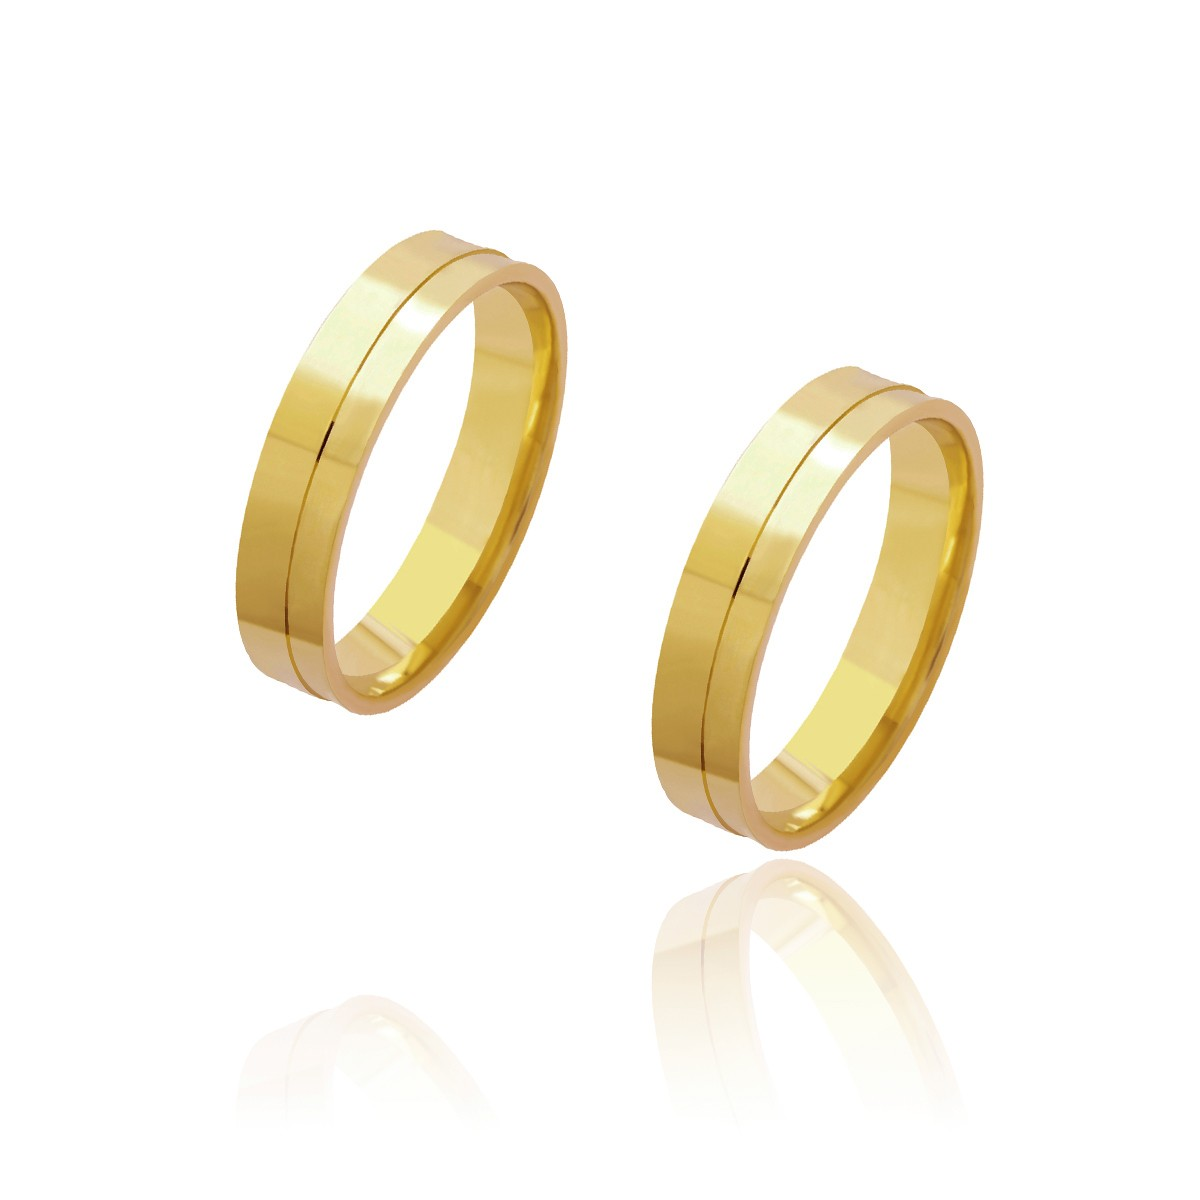 Par de Alianças de Casamento Diana Ouro Reta Friso Lateral 4.5mm e 3.5 g